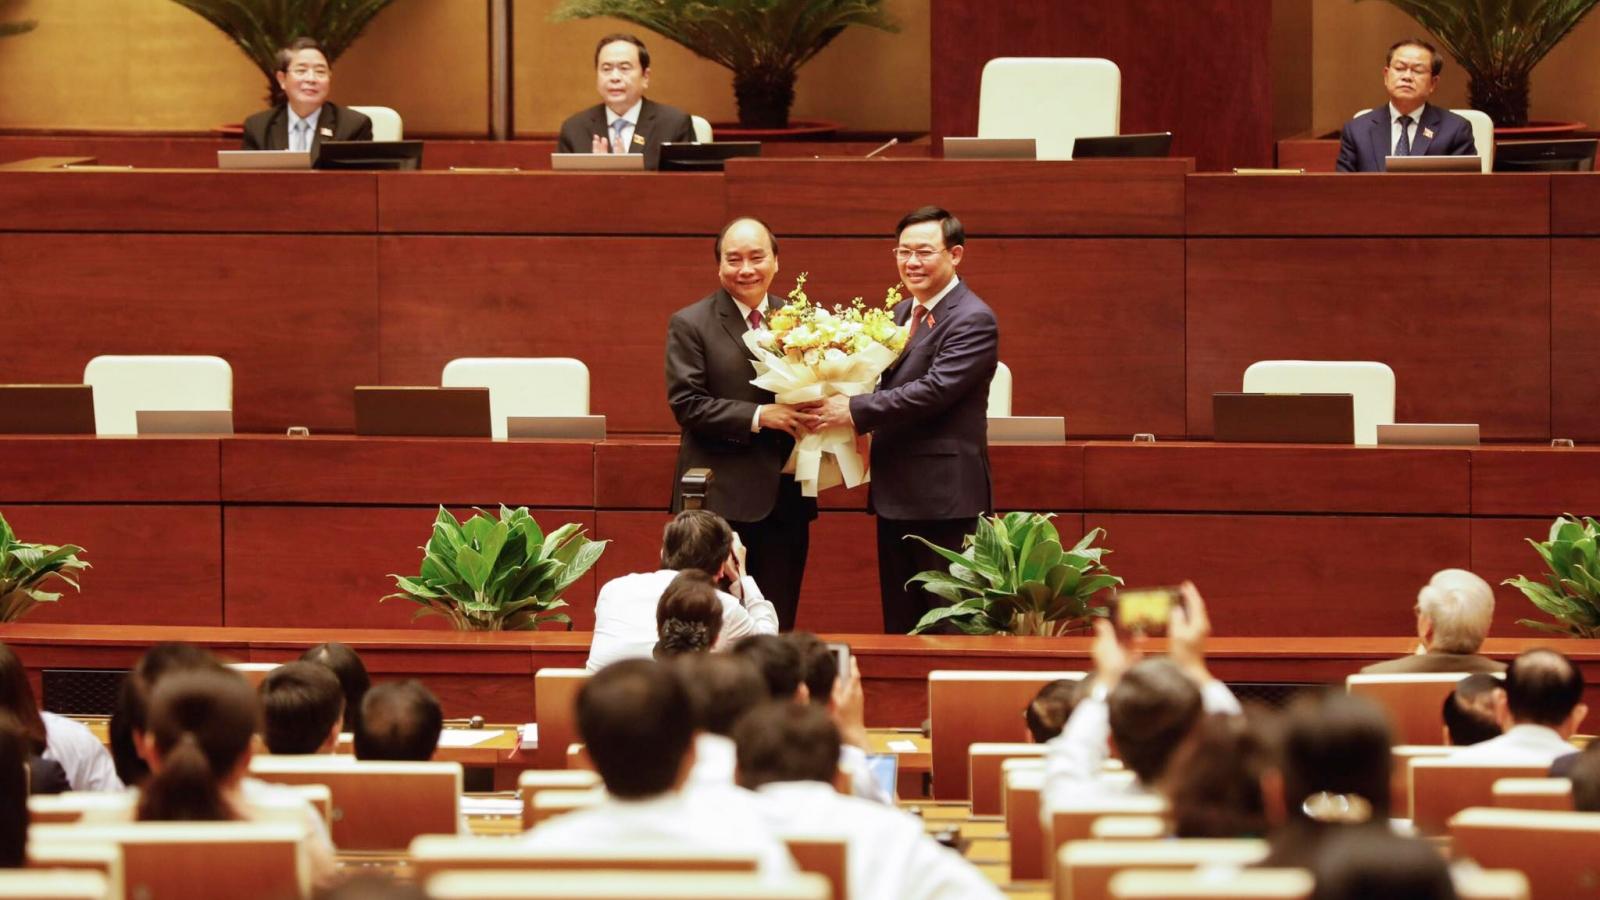 Tân Chủ tịch nước, Thủ tướng tuyên thệ nhậm chức hôm nay